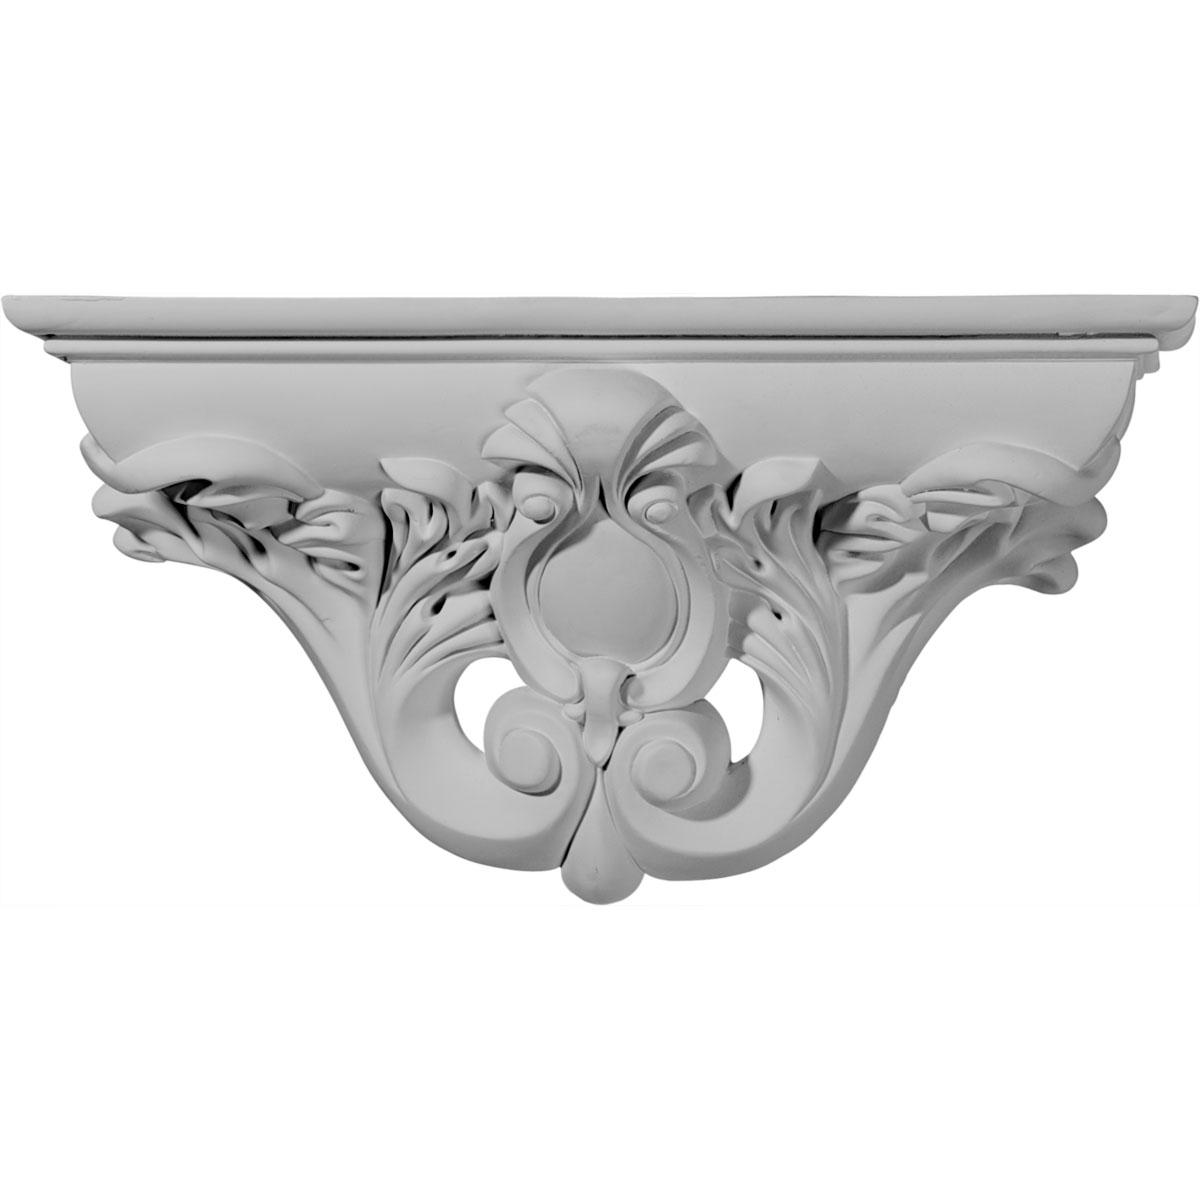 Decorative Corbel 25% off sh13x06x03hi | ekena millwork | hillsborough decorative shelf